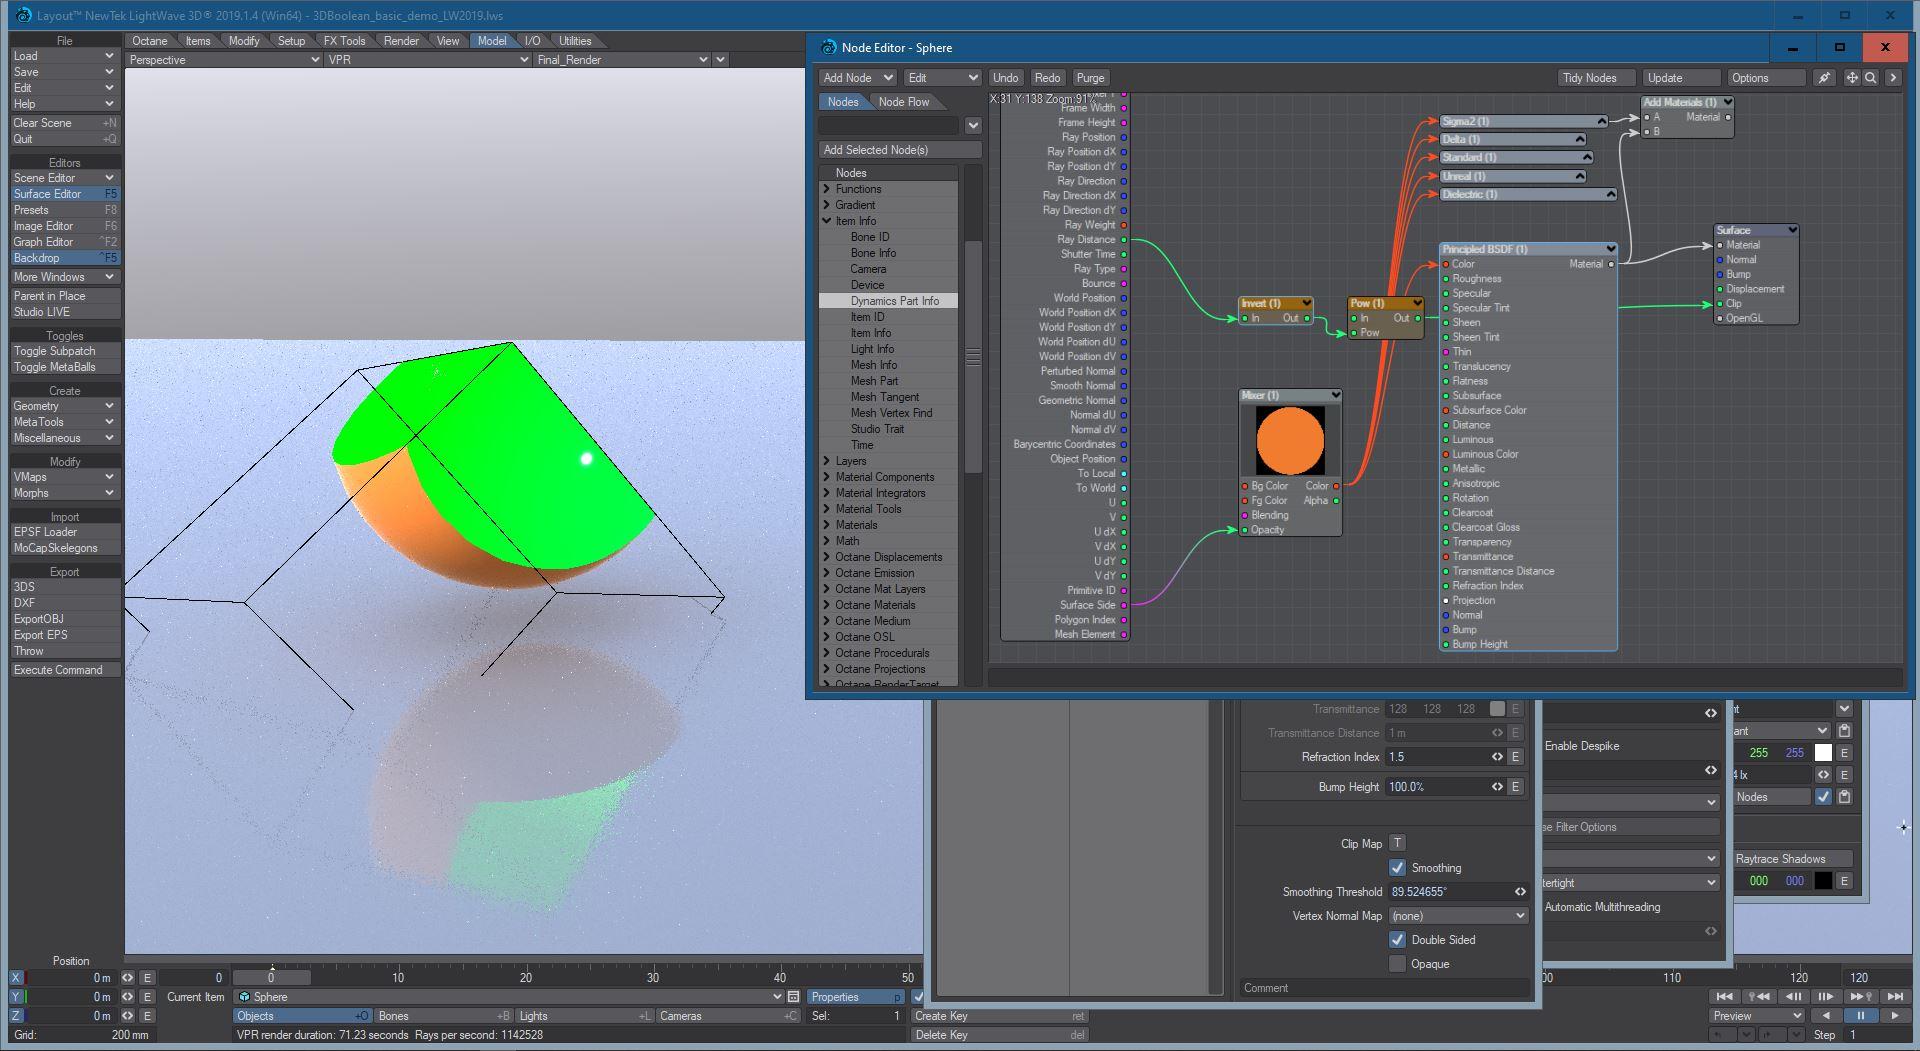 Nome: 2020-02-14 14_24_37-Layout™ NewTek LightWave 3D® 2019.1.4 (Win64) - 3DBoolean_basic_demo_LW2019..jpg Visite: 158 Dimensione: 262.1 KB